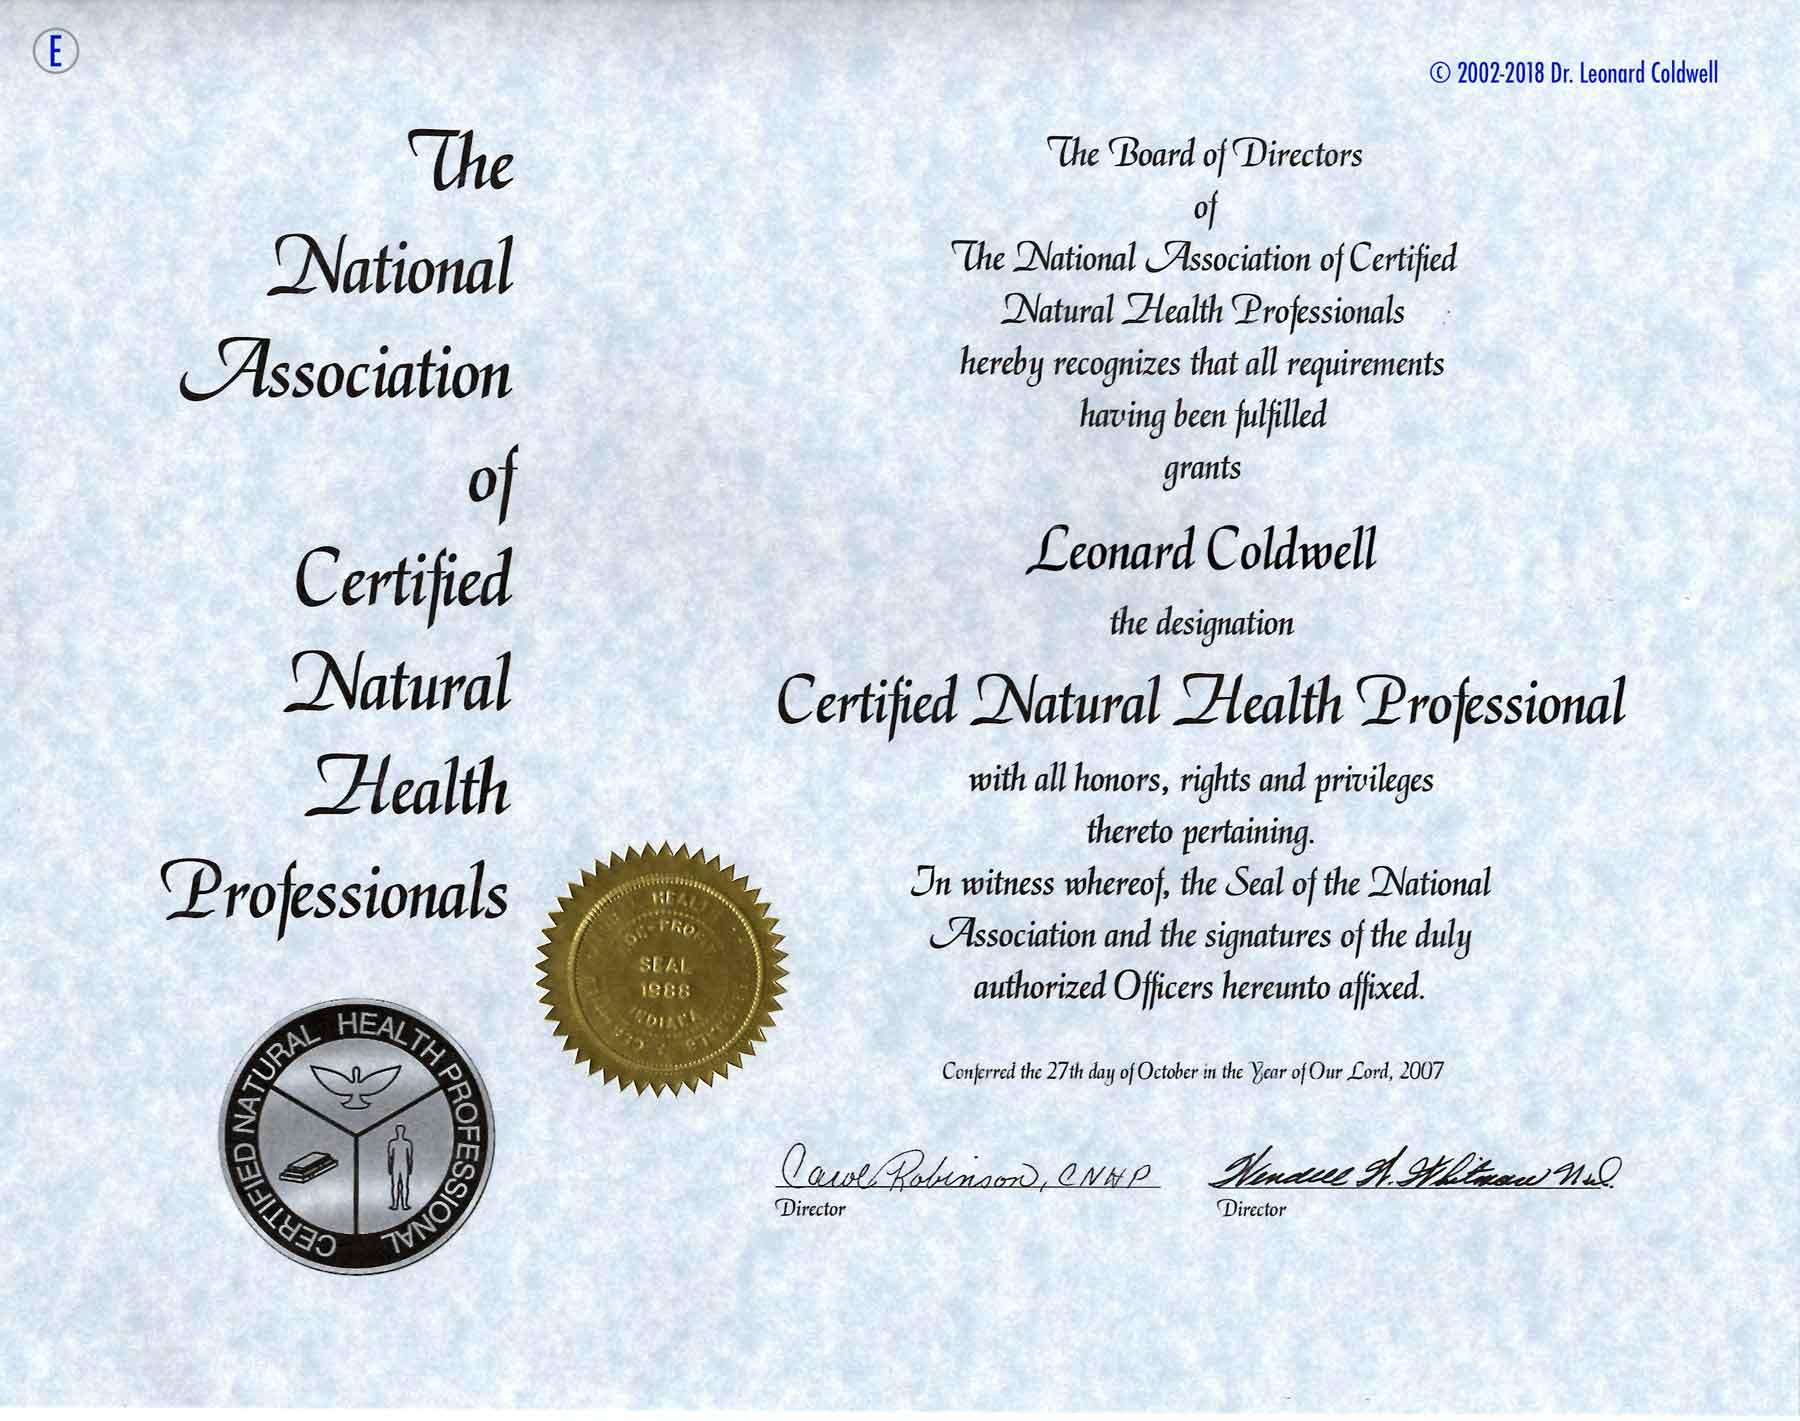 E. Urkunde zum Arzt für Naturheilkund äquivalent CNHP Zertifiezierter Naturheilkundlicher Arzt